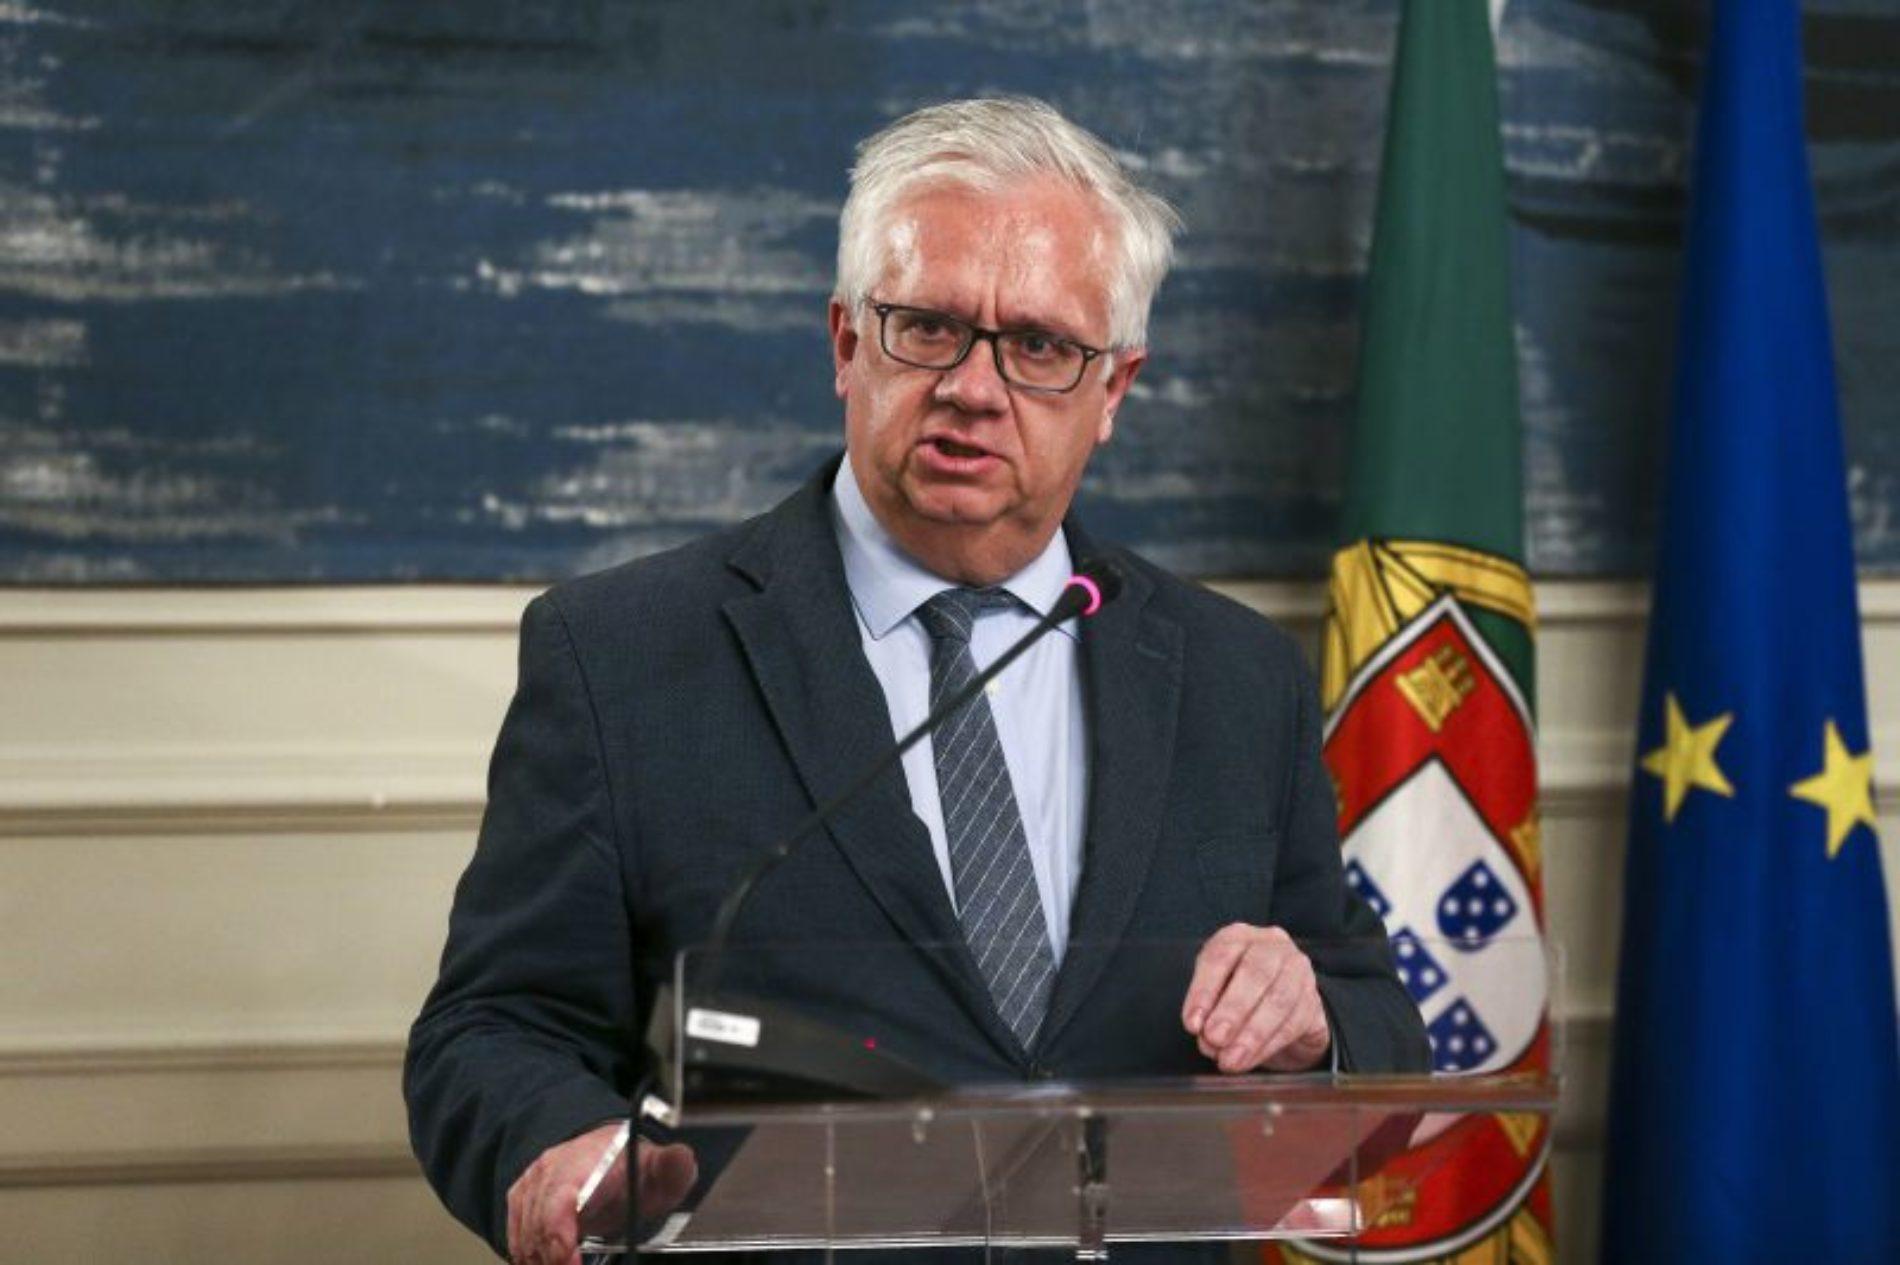 Covid-19: Ministro anunciou sete detenções pelo crime de desobediência e agradeceu aos portugueses pela adesão generalizada às medidas de proteção